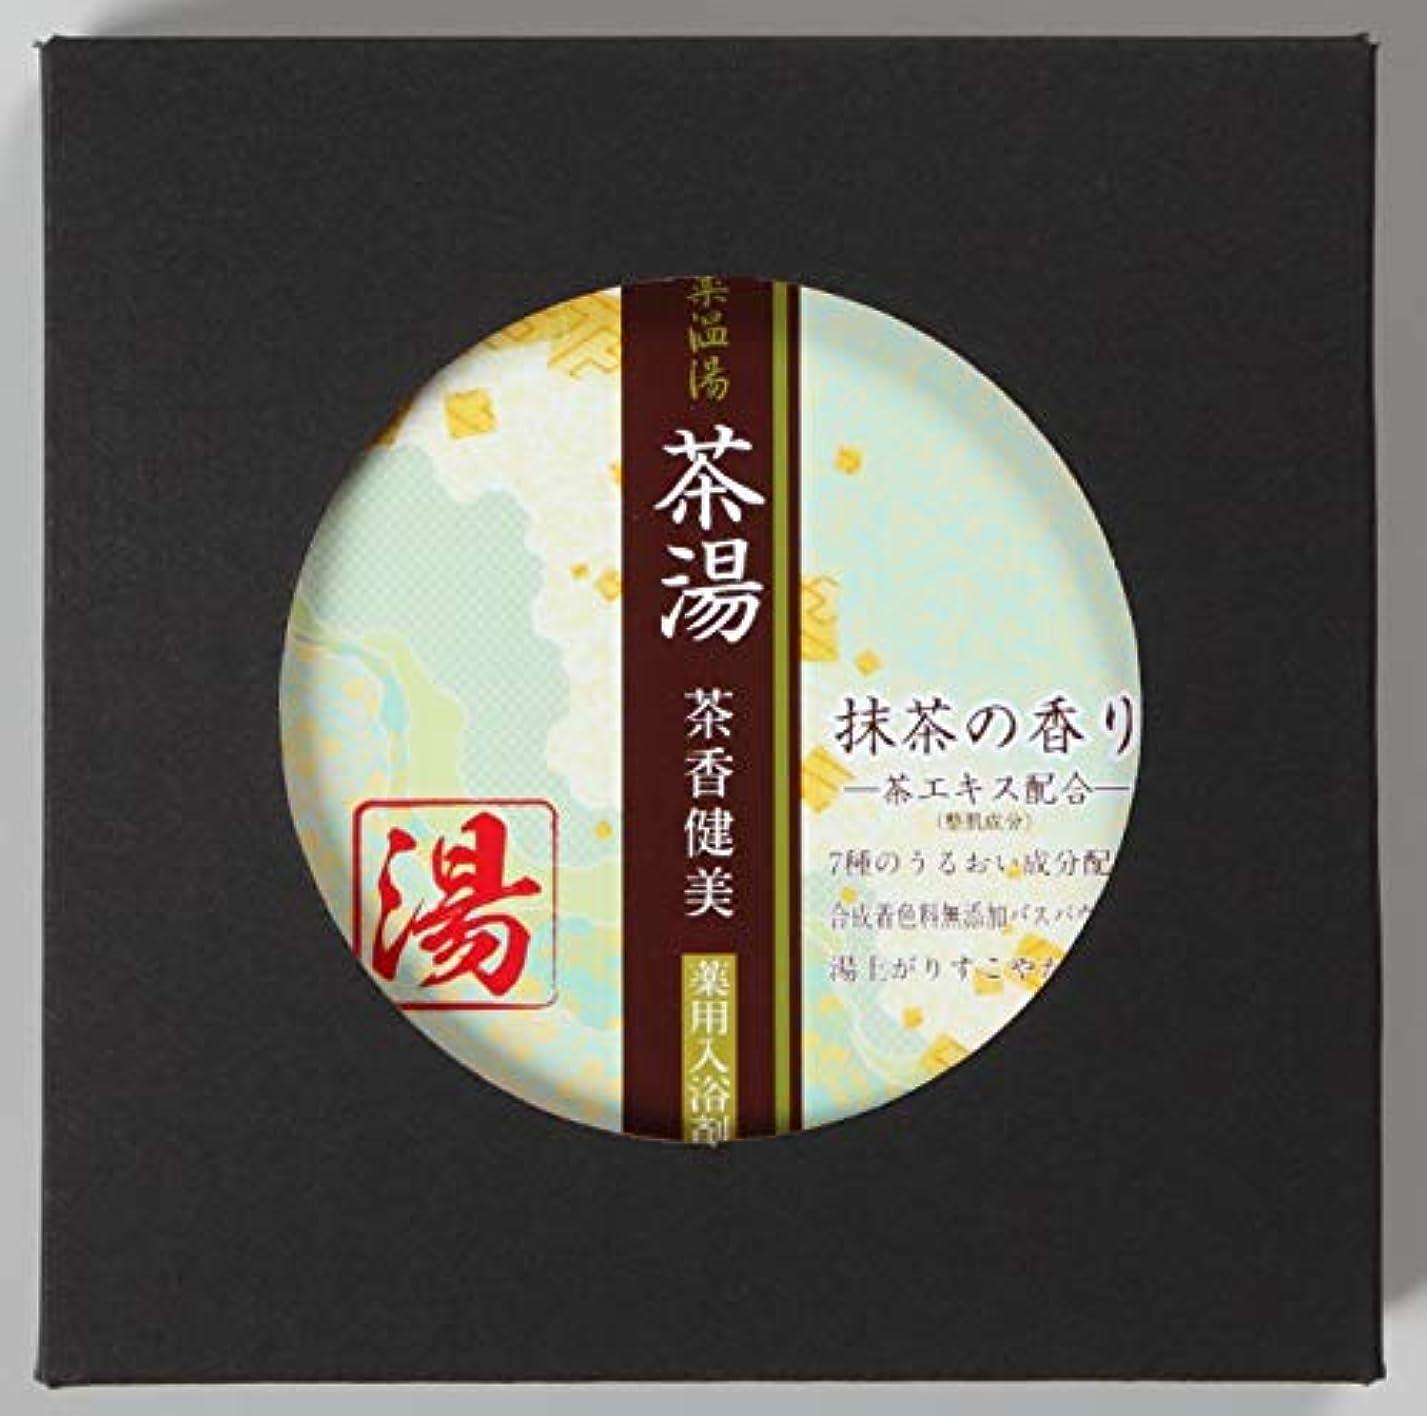 可塑性関与する放課後薬温湯 茶湯 入浴料 抹茶の香り POF-10M